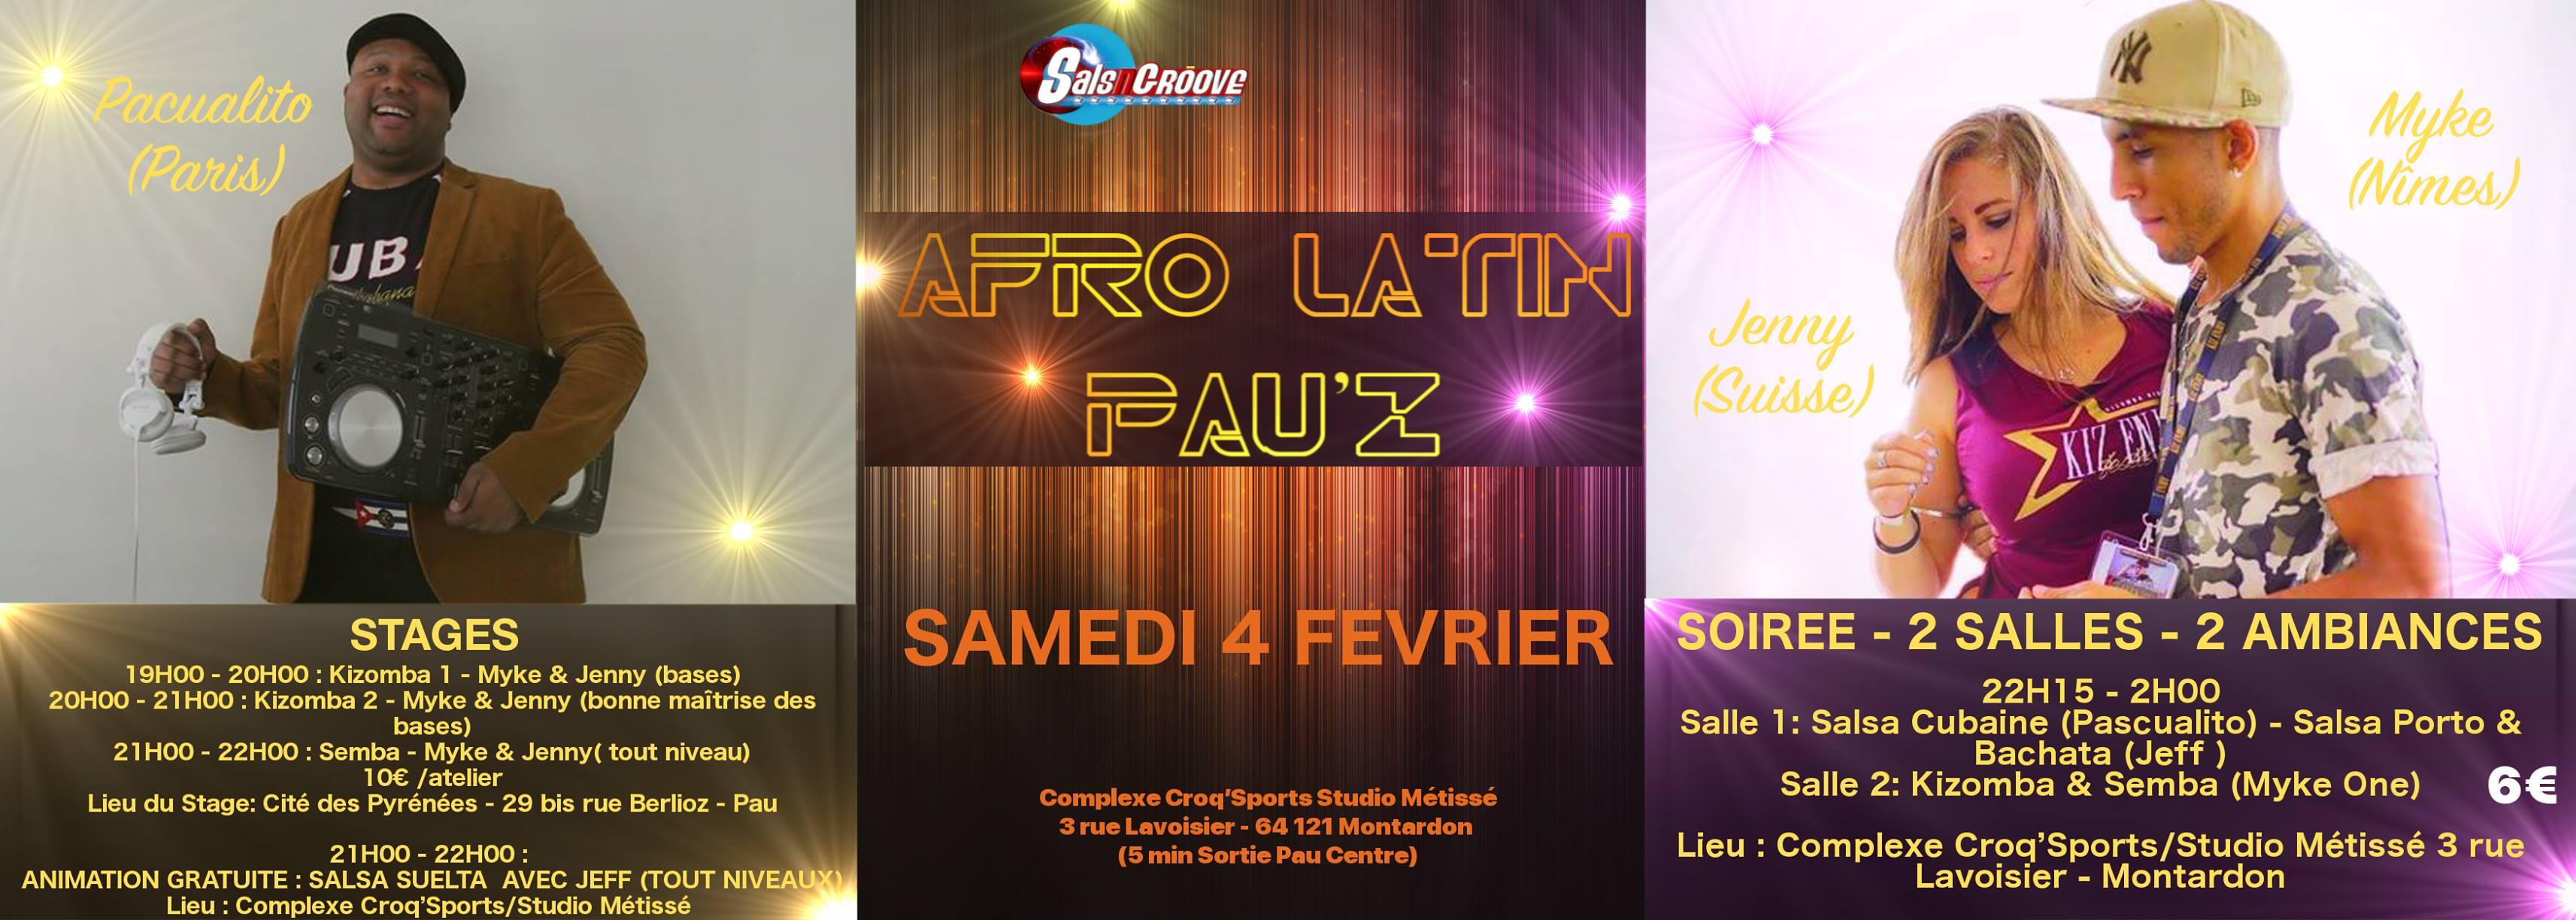 Afro Latin Pau'Z et stages le samedi 4 février – Changement de lieu pour les stages